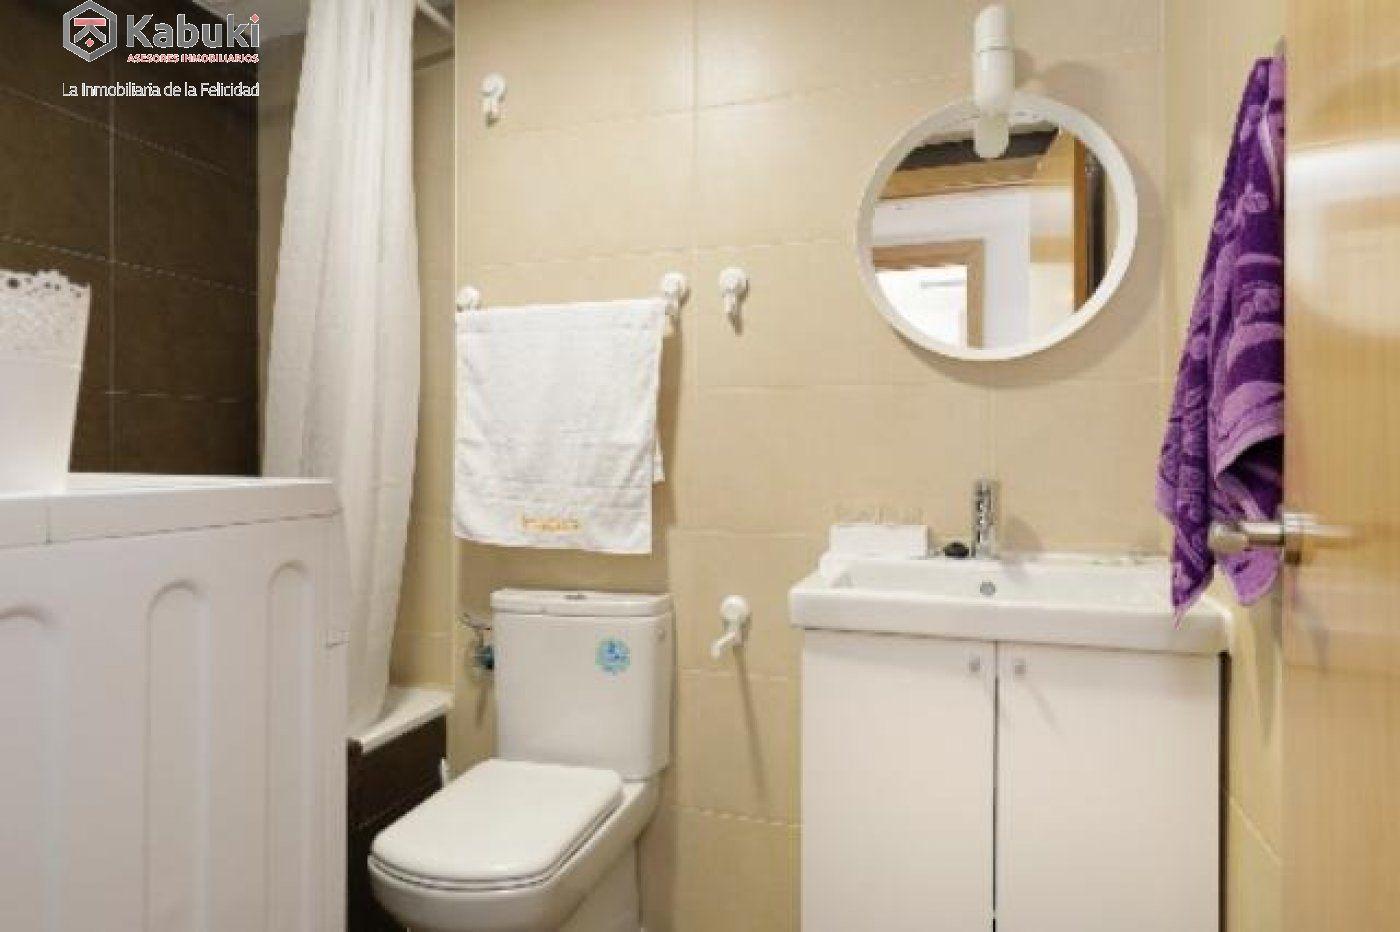 Coqueto y luminoso apartamento en un entorno privilegiado junto a los cahorros - imagenInmueble9